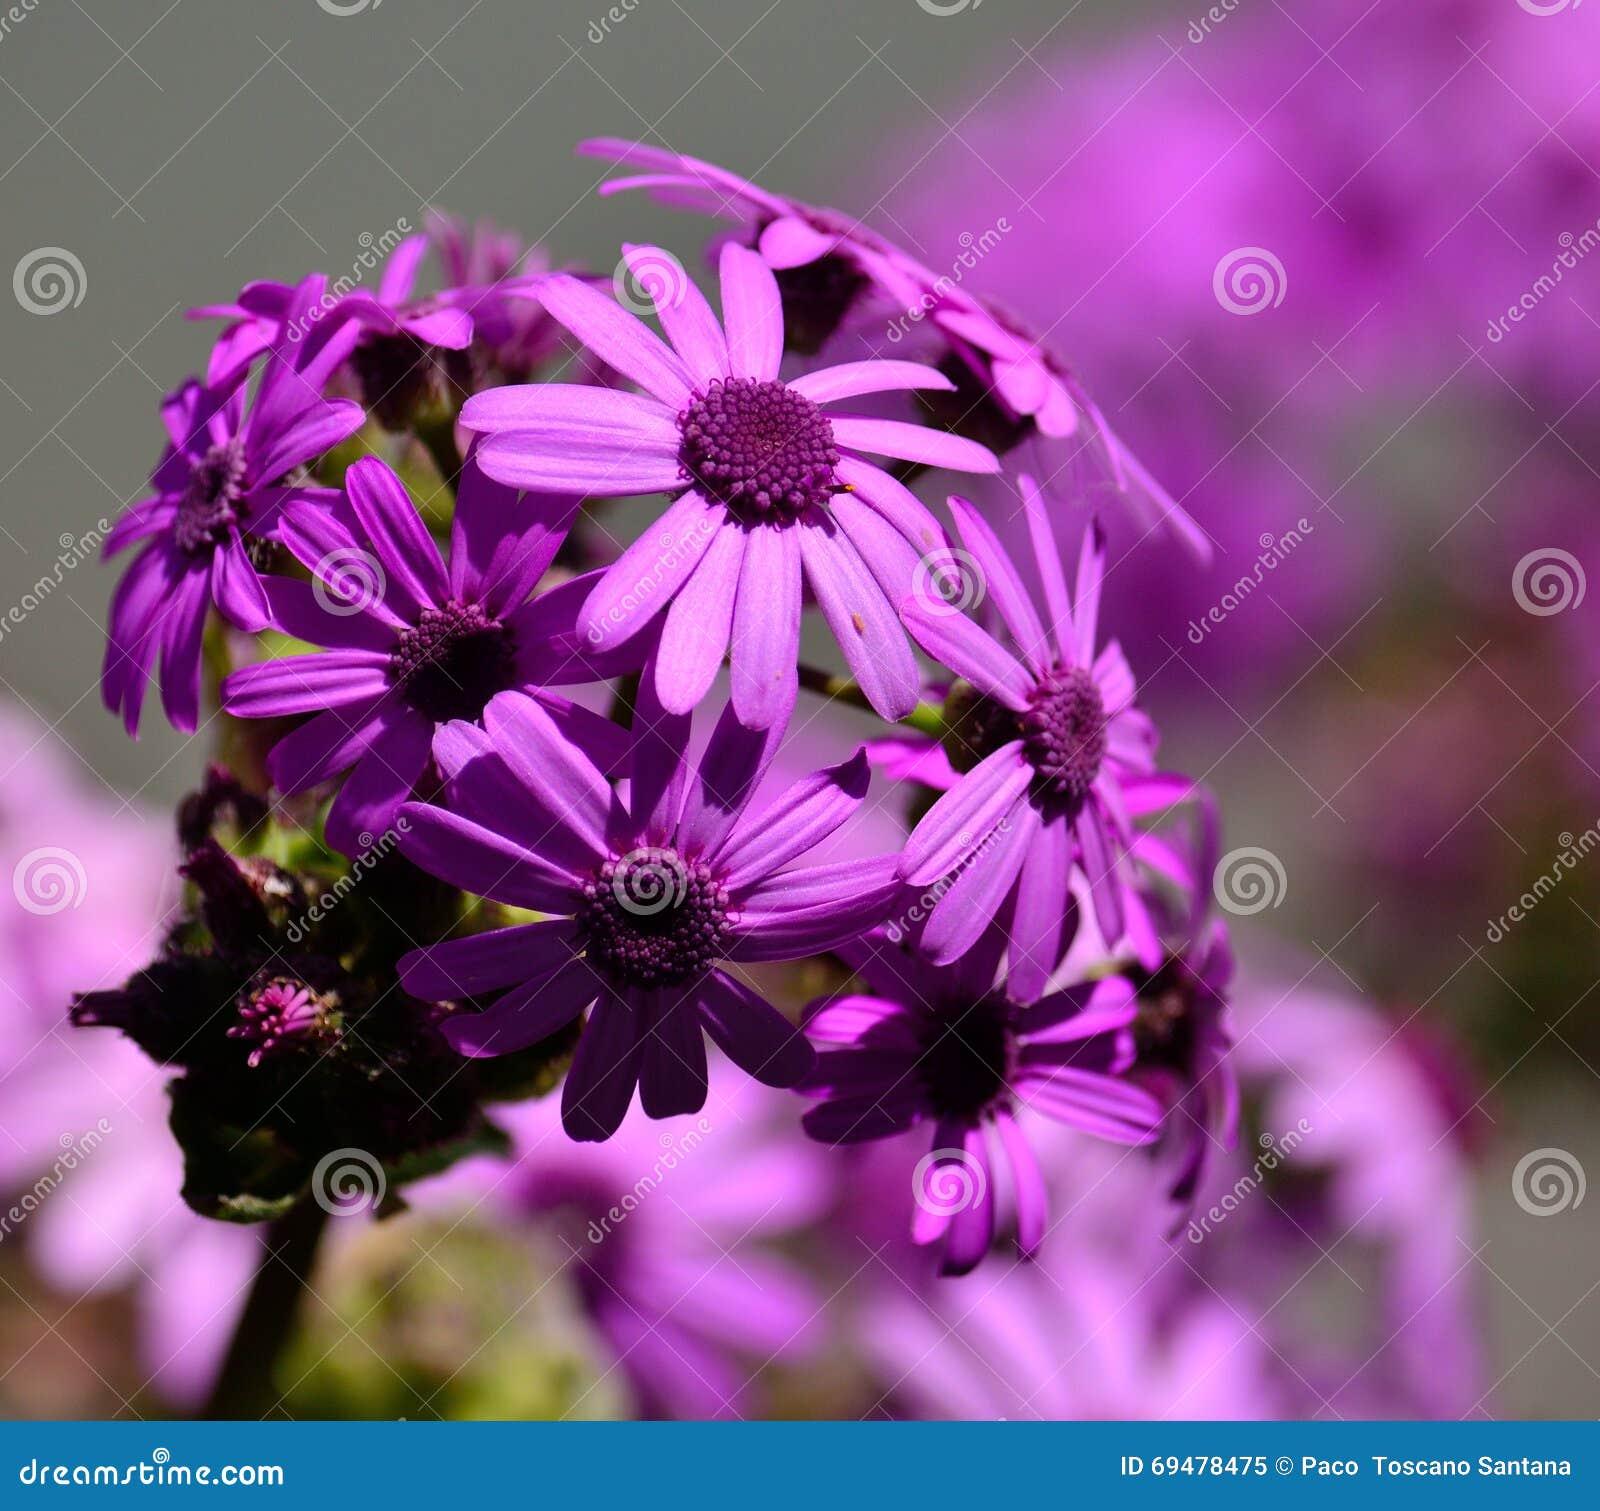 Elegant Blumen Mai Beste Wahl Pattern Mai-blumen Stockbild. Bild Von Pracht, Mayflower,